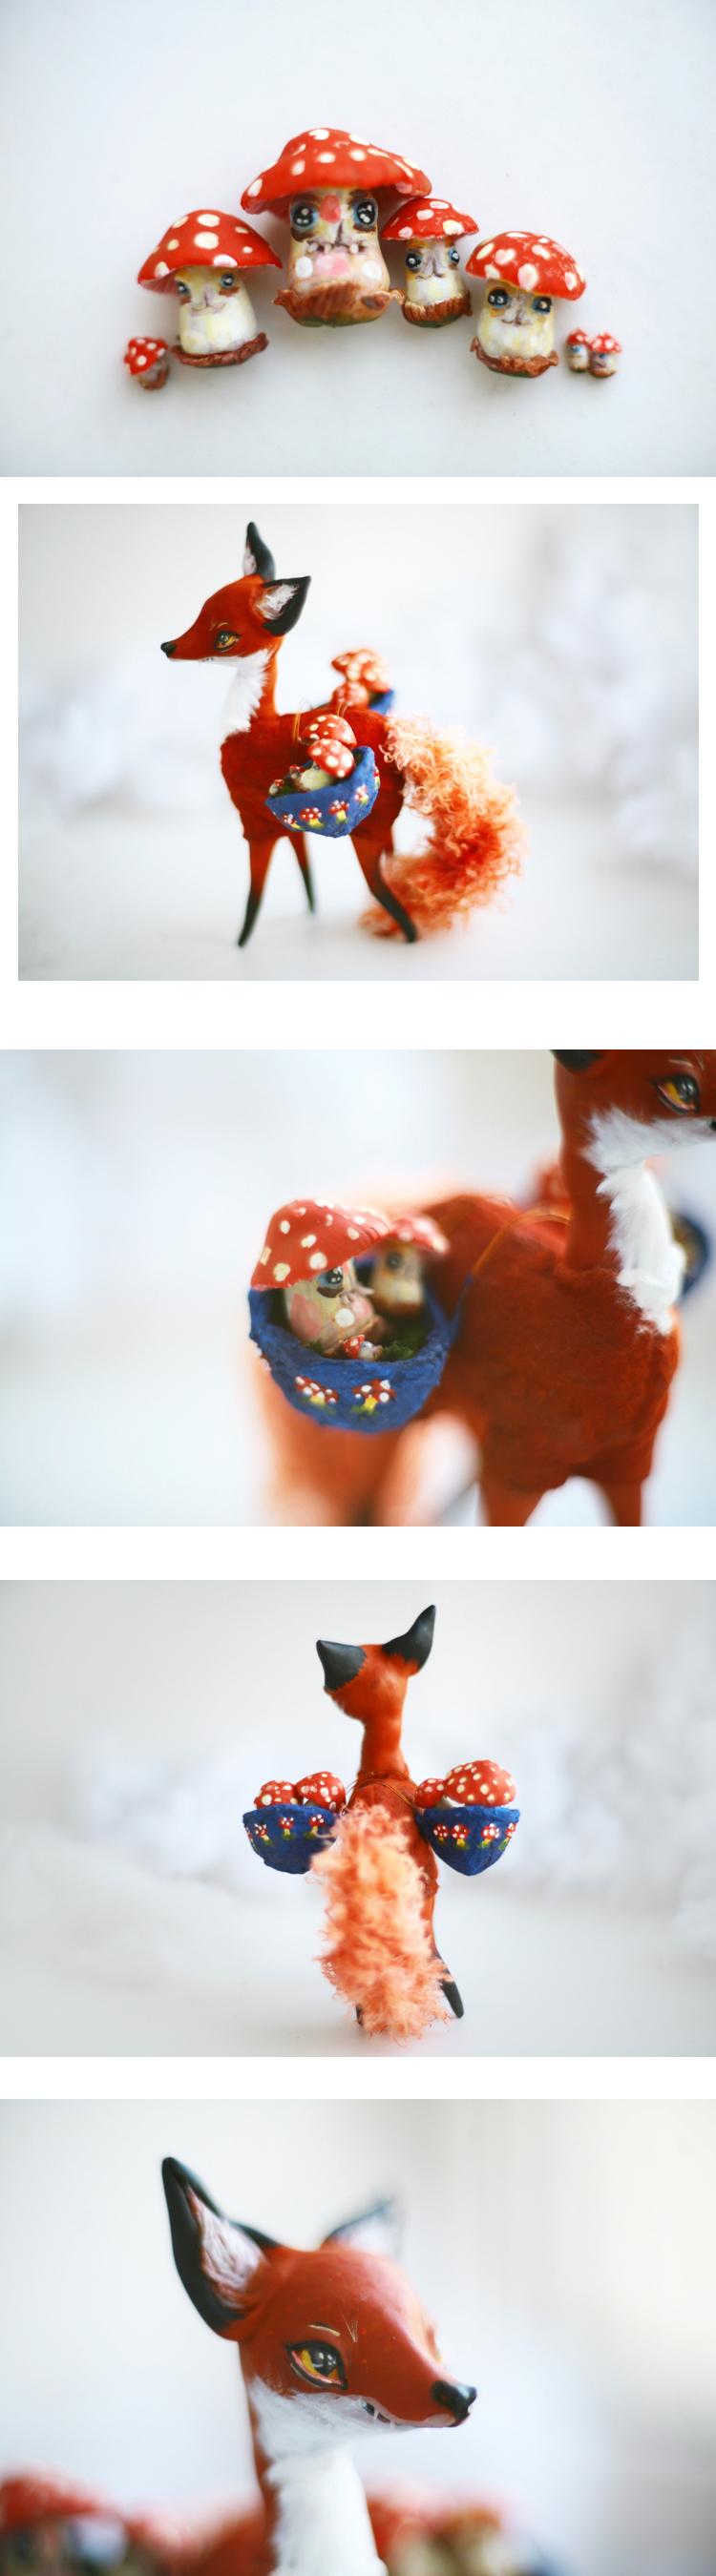 mushrooms and the fox by da-bu-di-bu-da